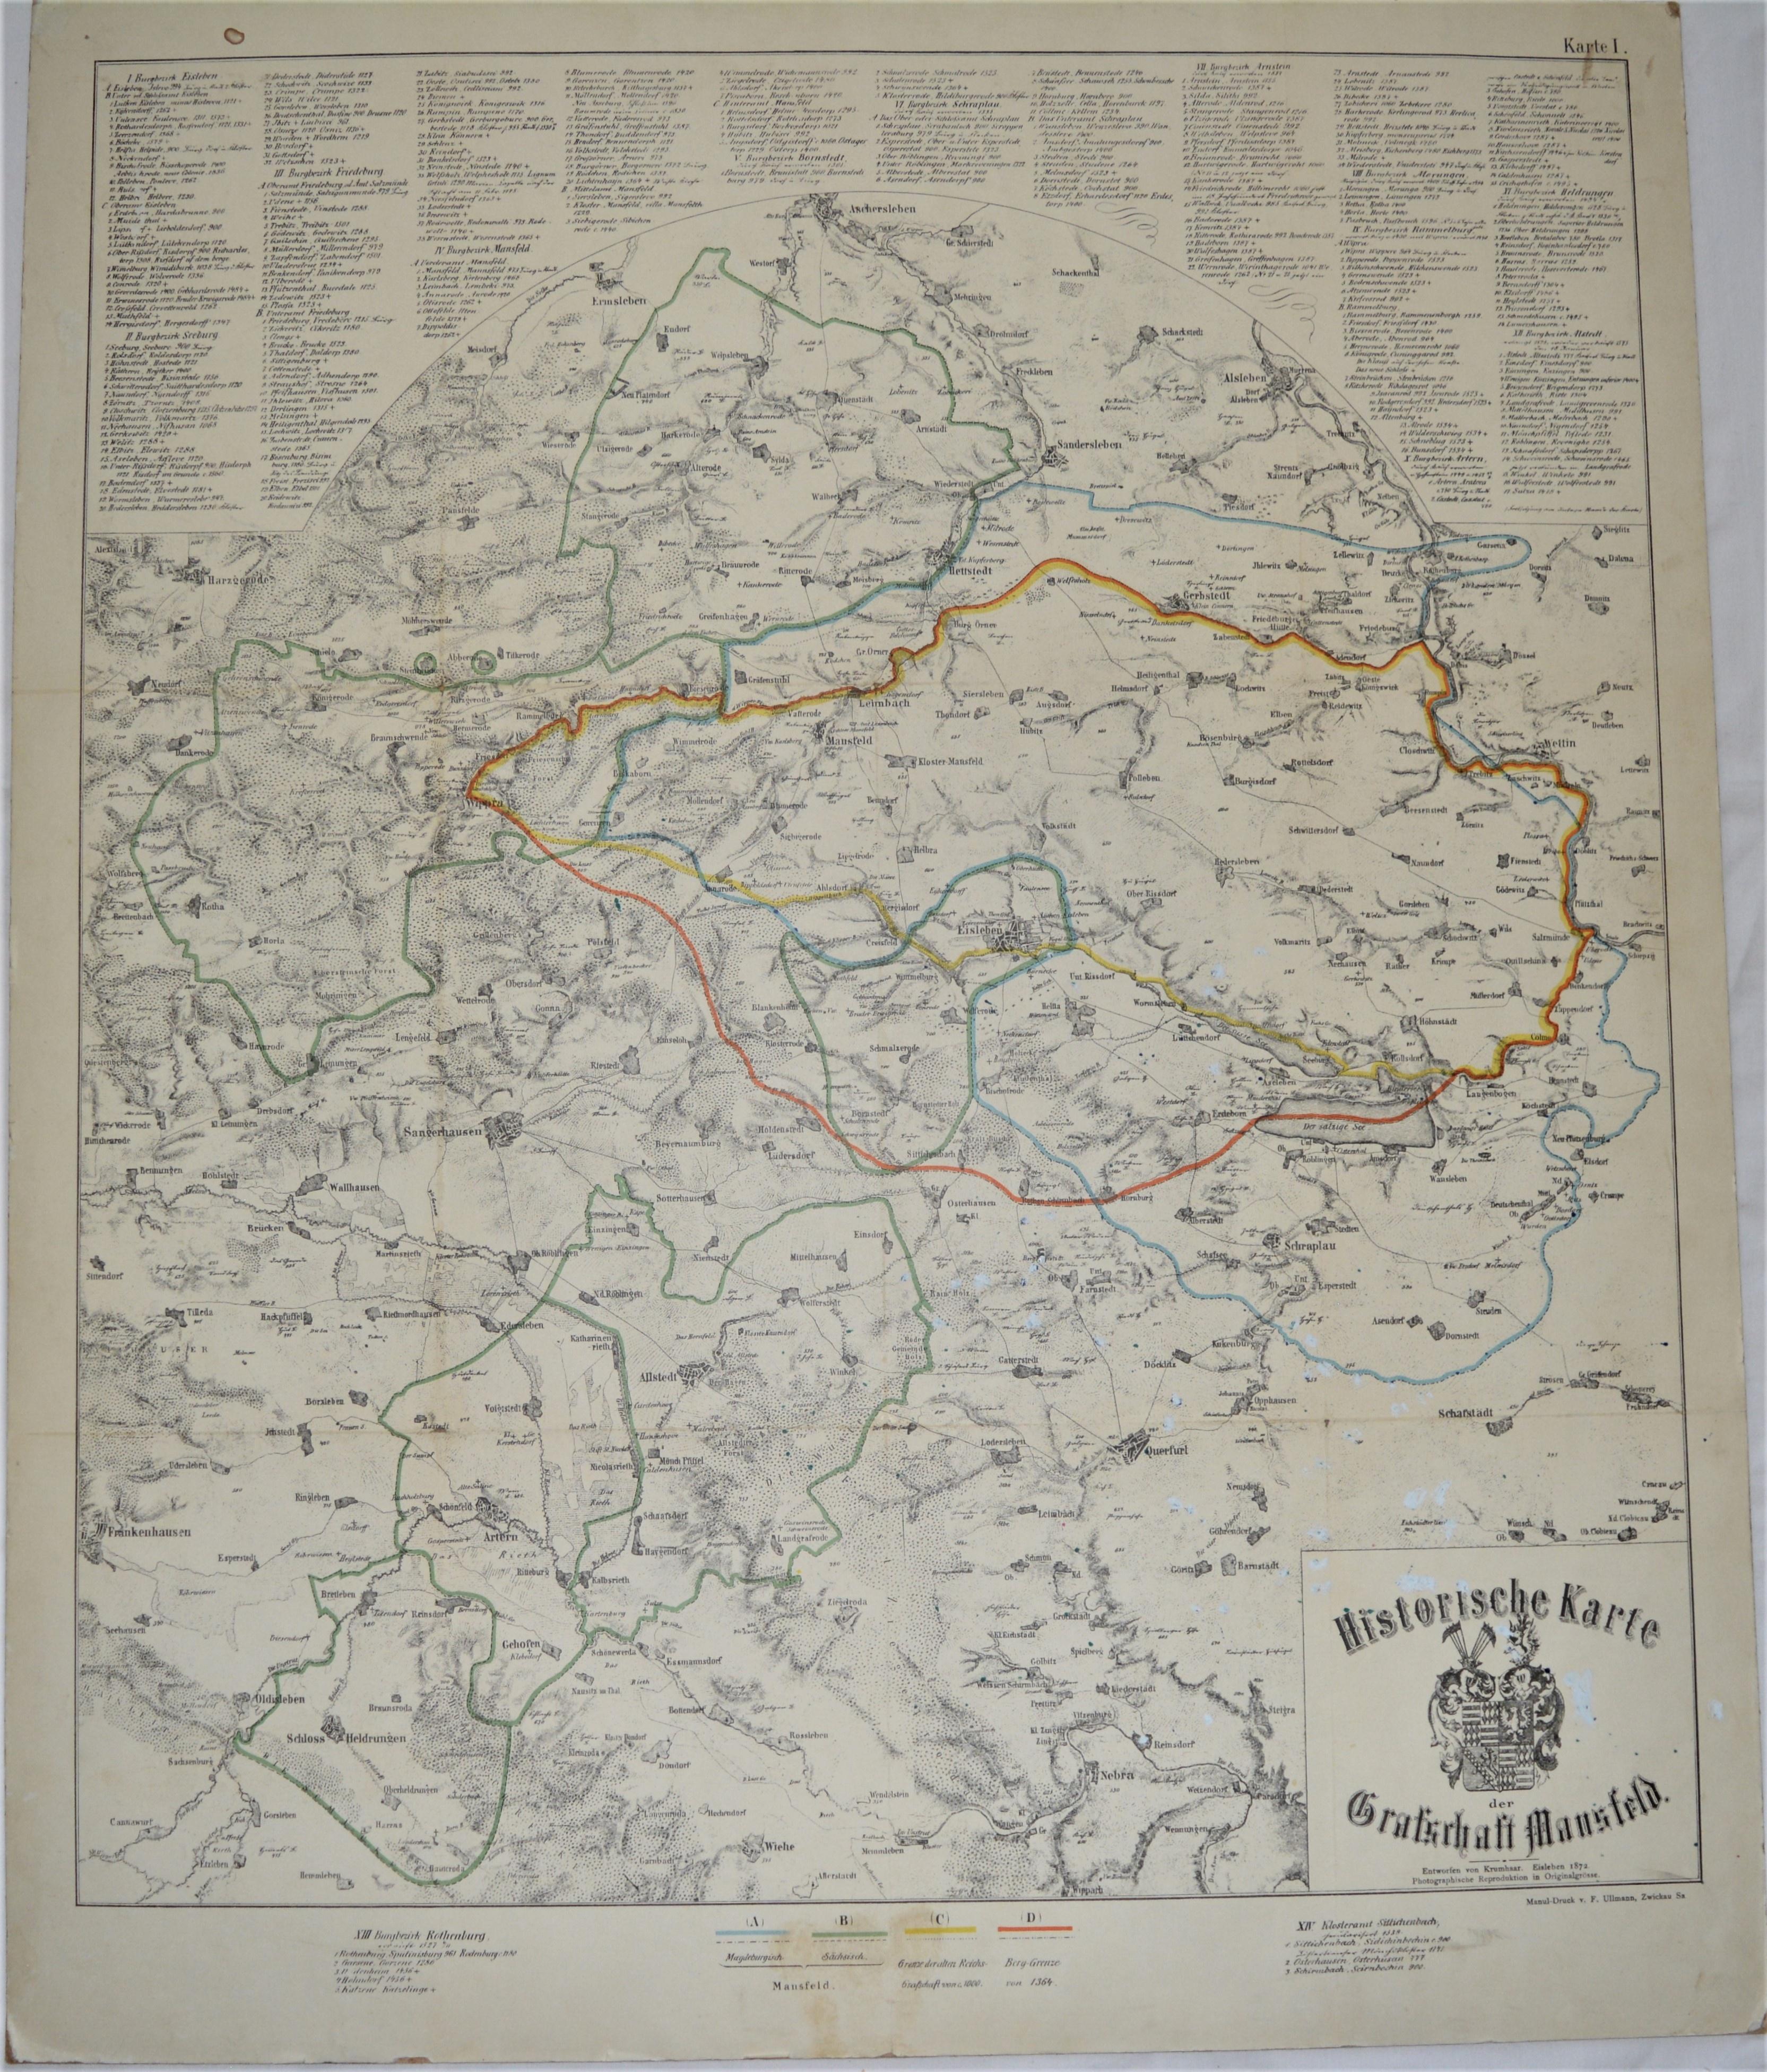 Historische Karte Der Grafschaft Mansfeld Karte 1 Mansfeld